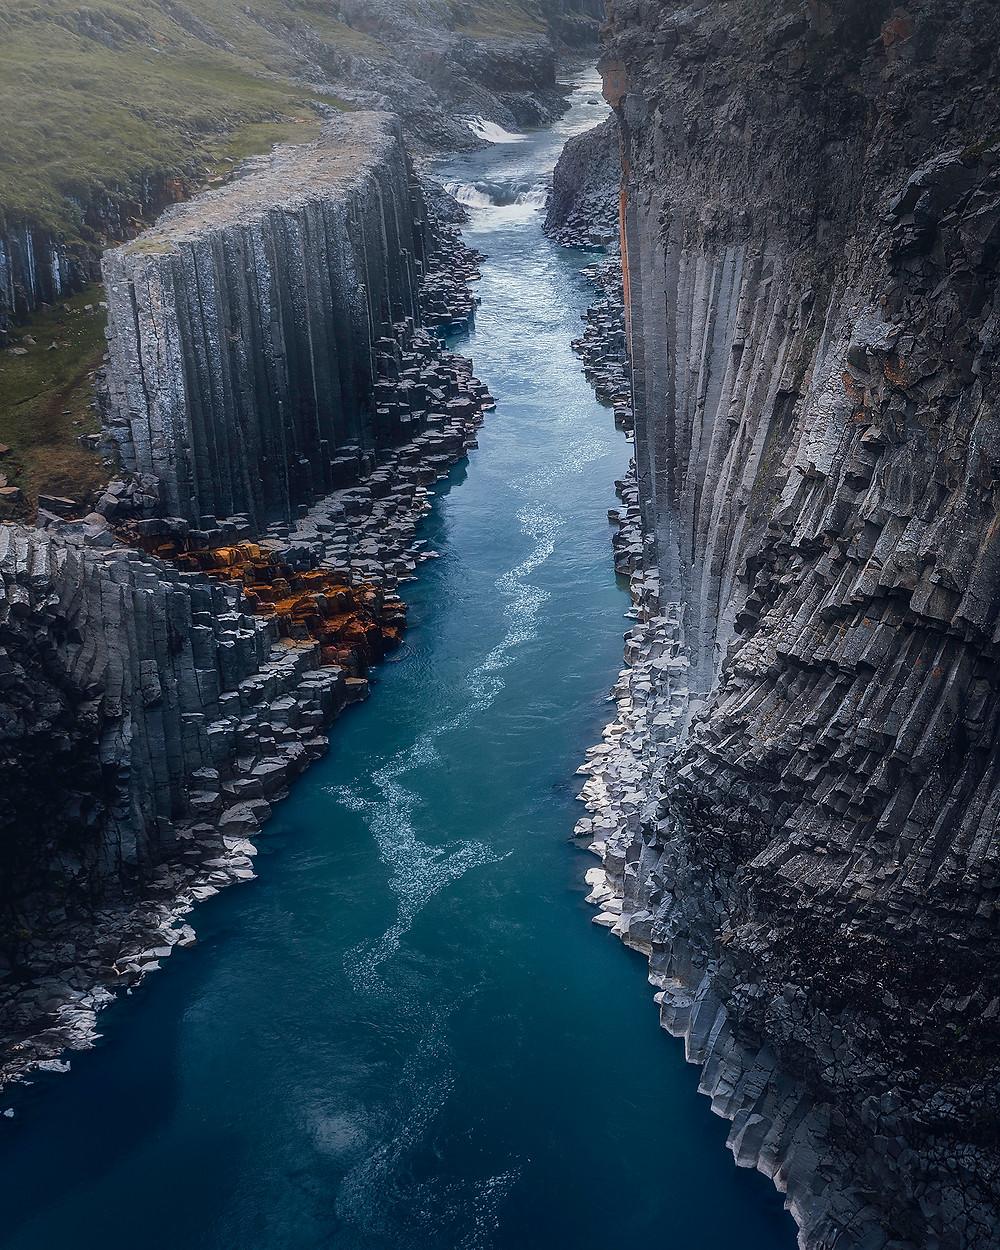 Dronebilde av en basaltsteincanyon øst på Island, som deler av året har veldig fargerikt vann.